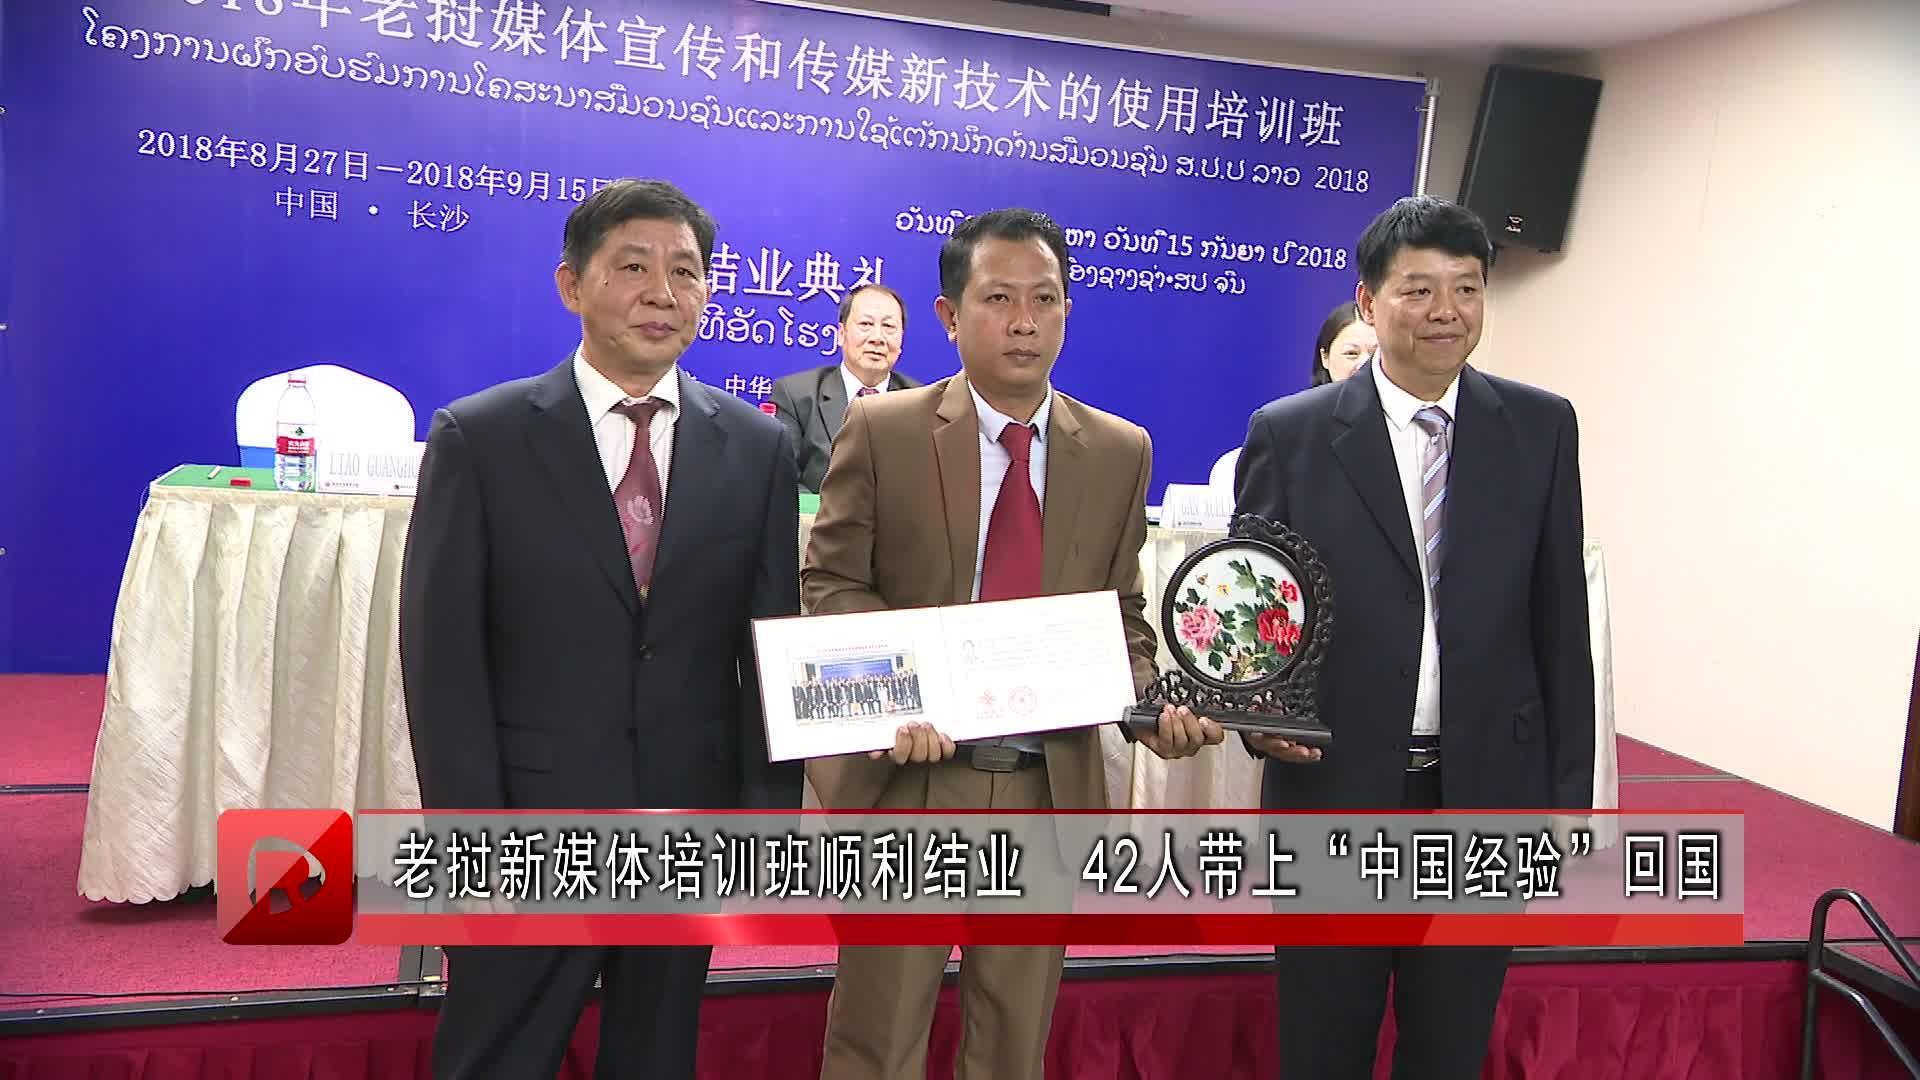 """老挝新媒体培训班顺利结业 42人带上""""中国经验""""返程"""